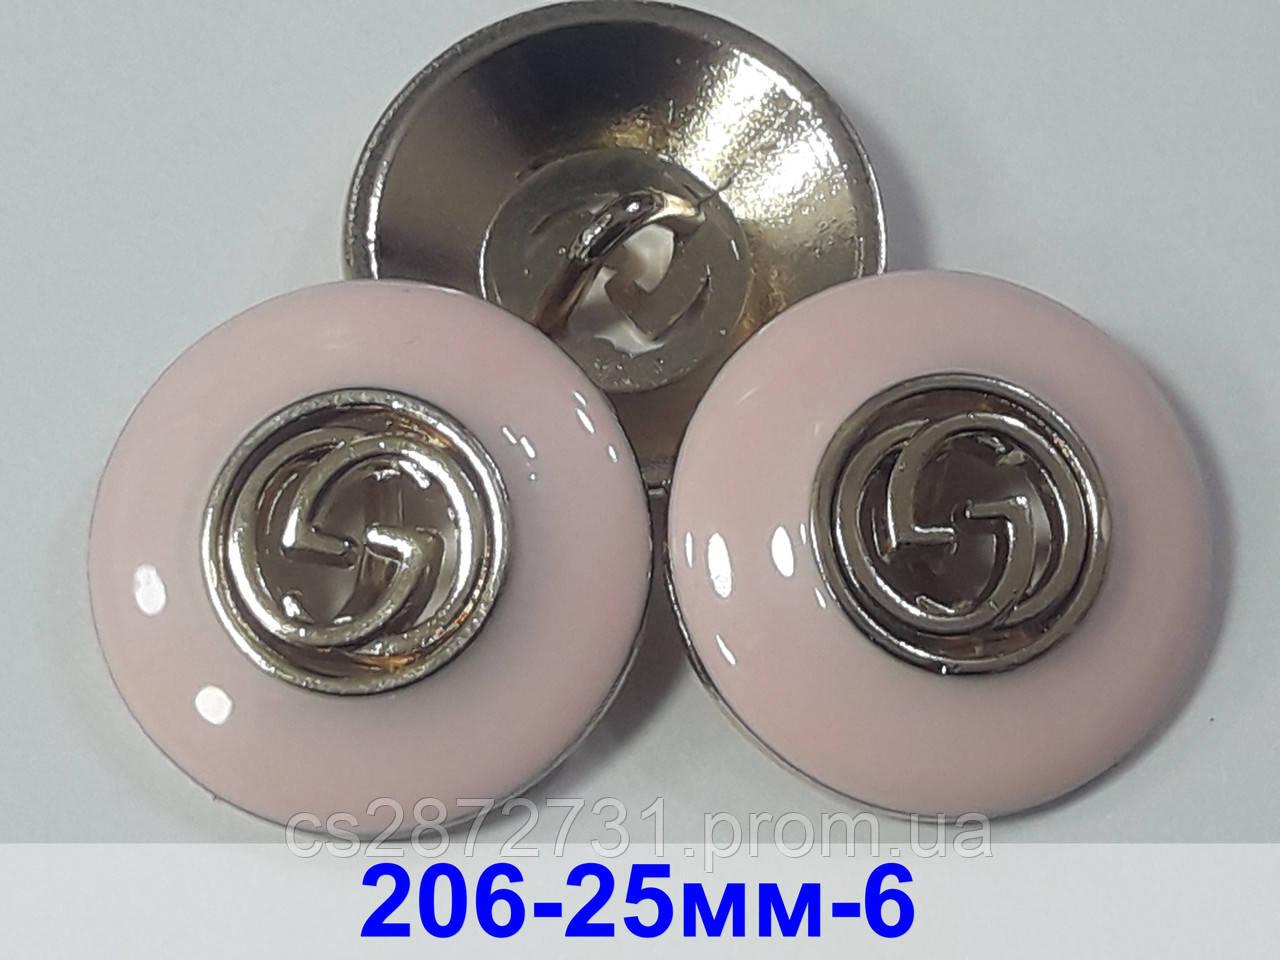 Пуговици, брендовая фурнитура, пуговицы для верхней одежды, 25 мм